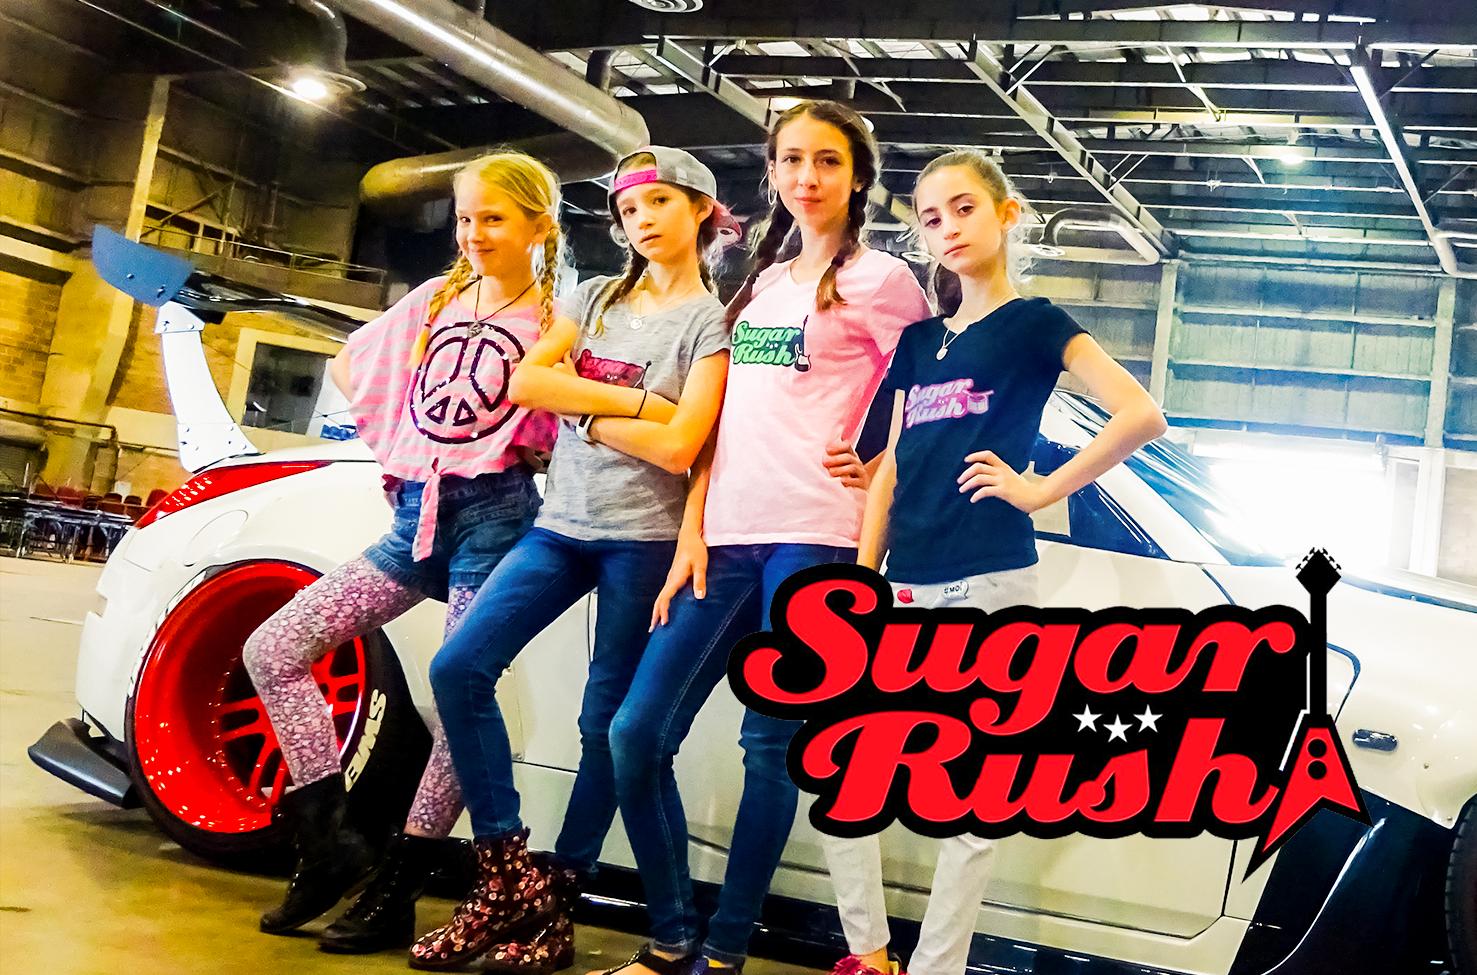 sugarrush-pic-car-centered